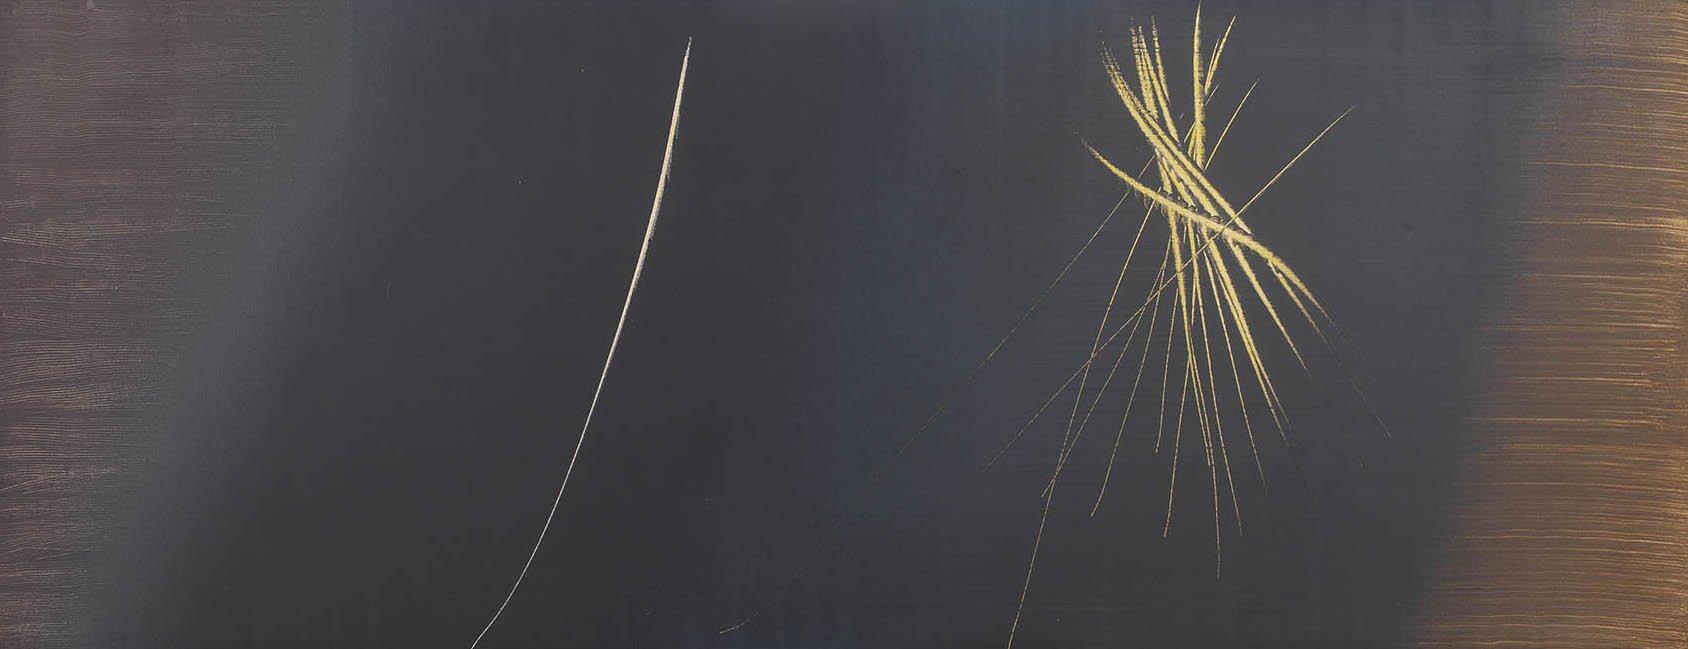 Hans Hartung, T 1962 - R 3, 1962, acrilico su tela, cm 95x250